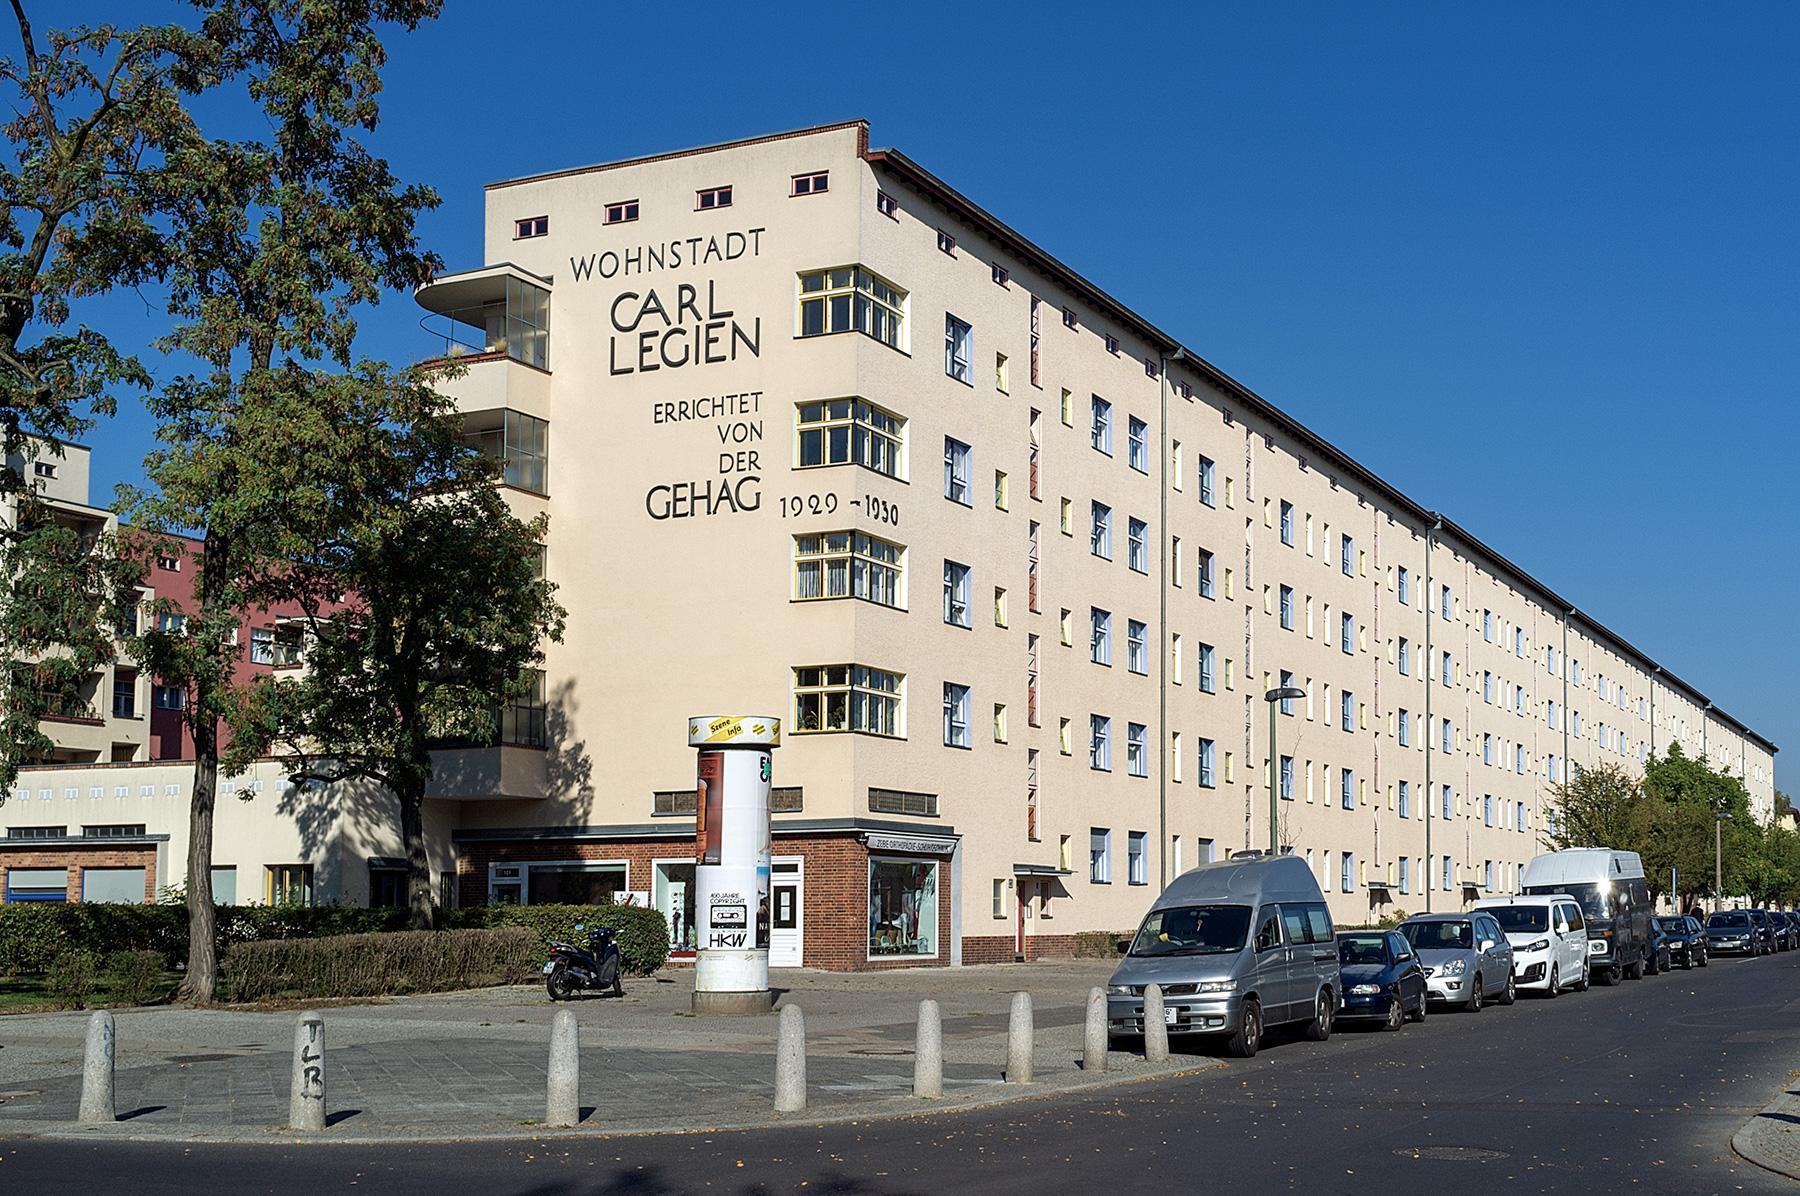 Ein Häuserblock mit der Schrift: Wohnstadt Carl Legien errichtet von dser GEHAG der Siedlung des UNESCO Welterbes